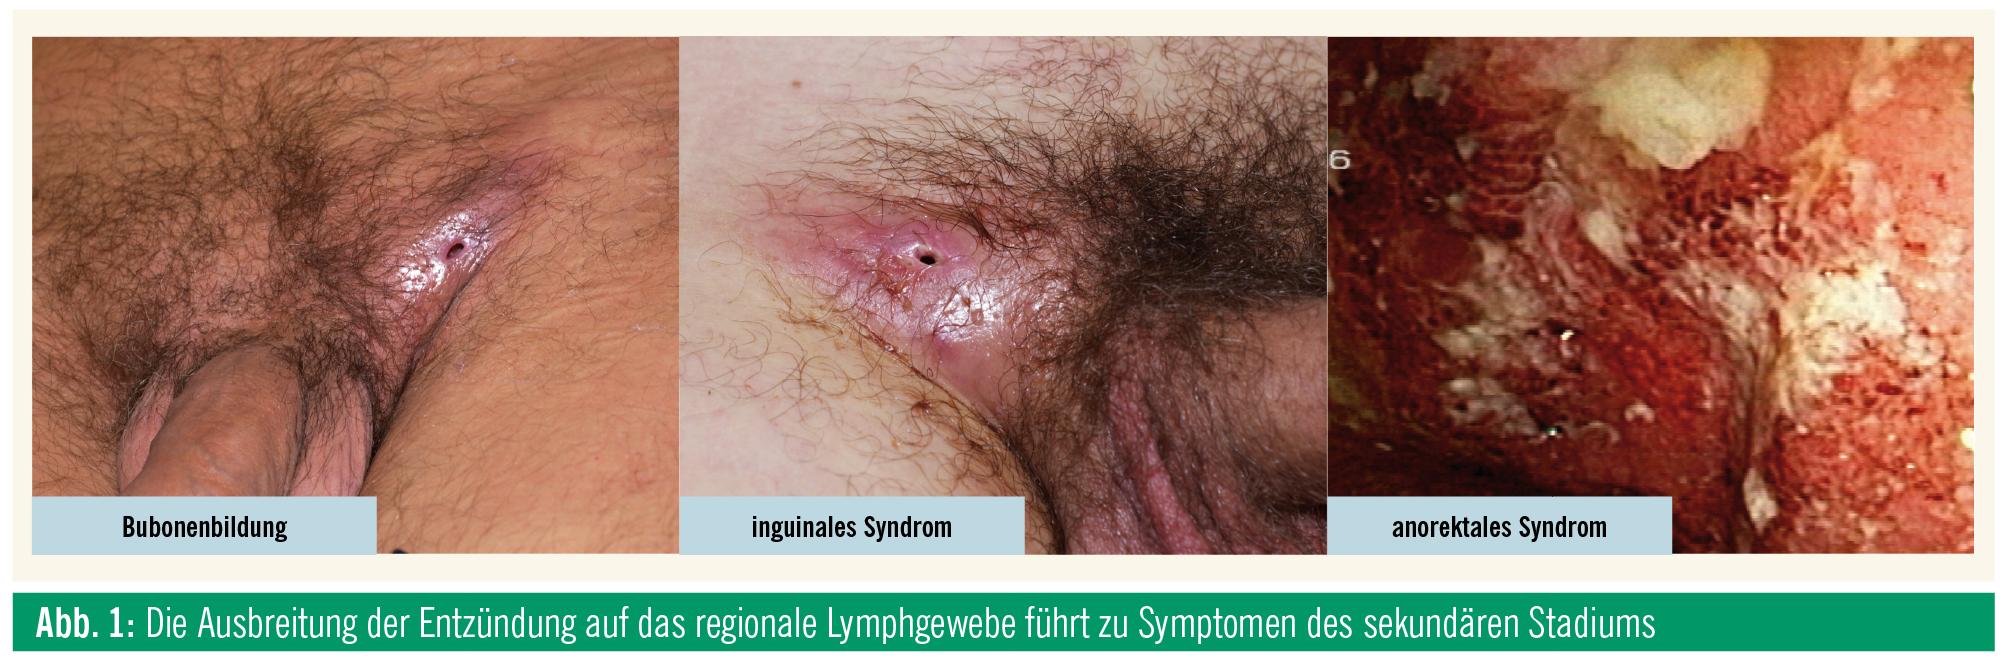 Bilder eines Penis mit syphalis